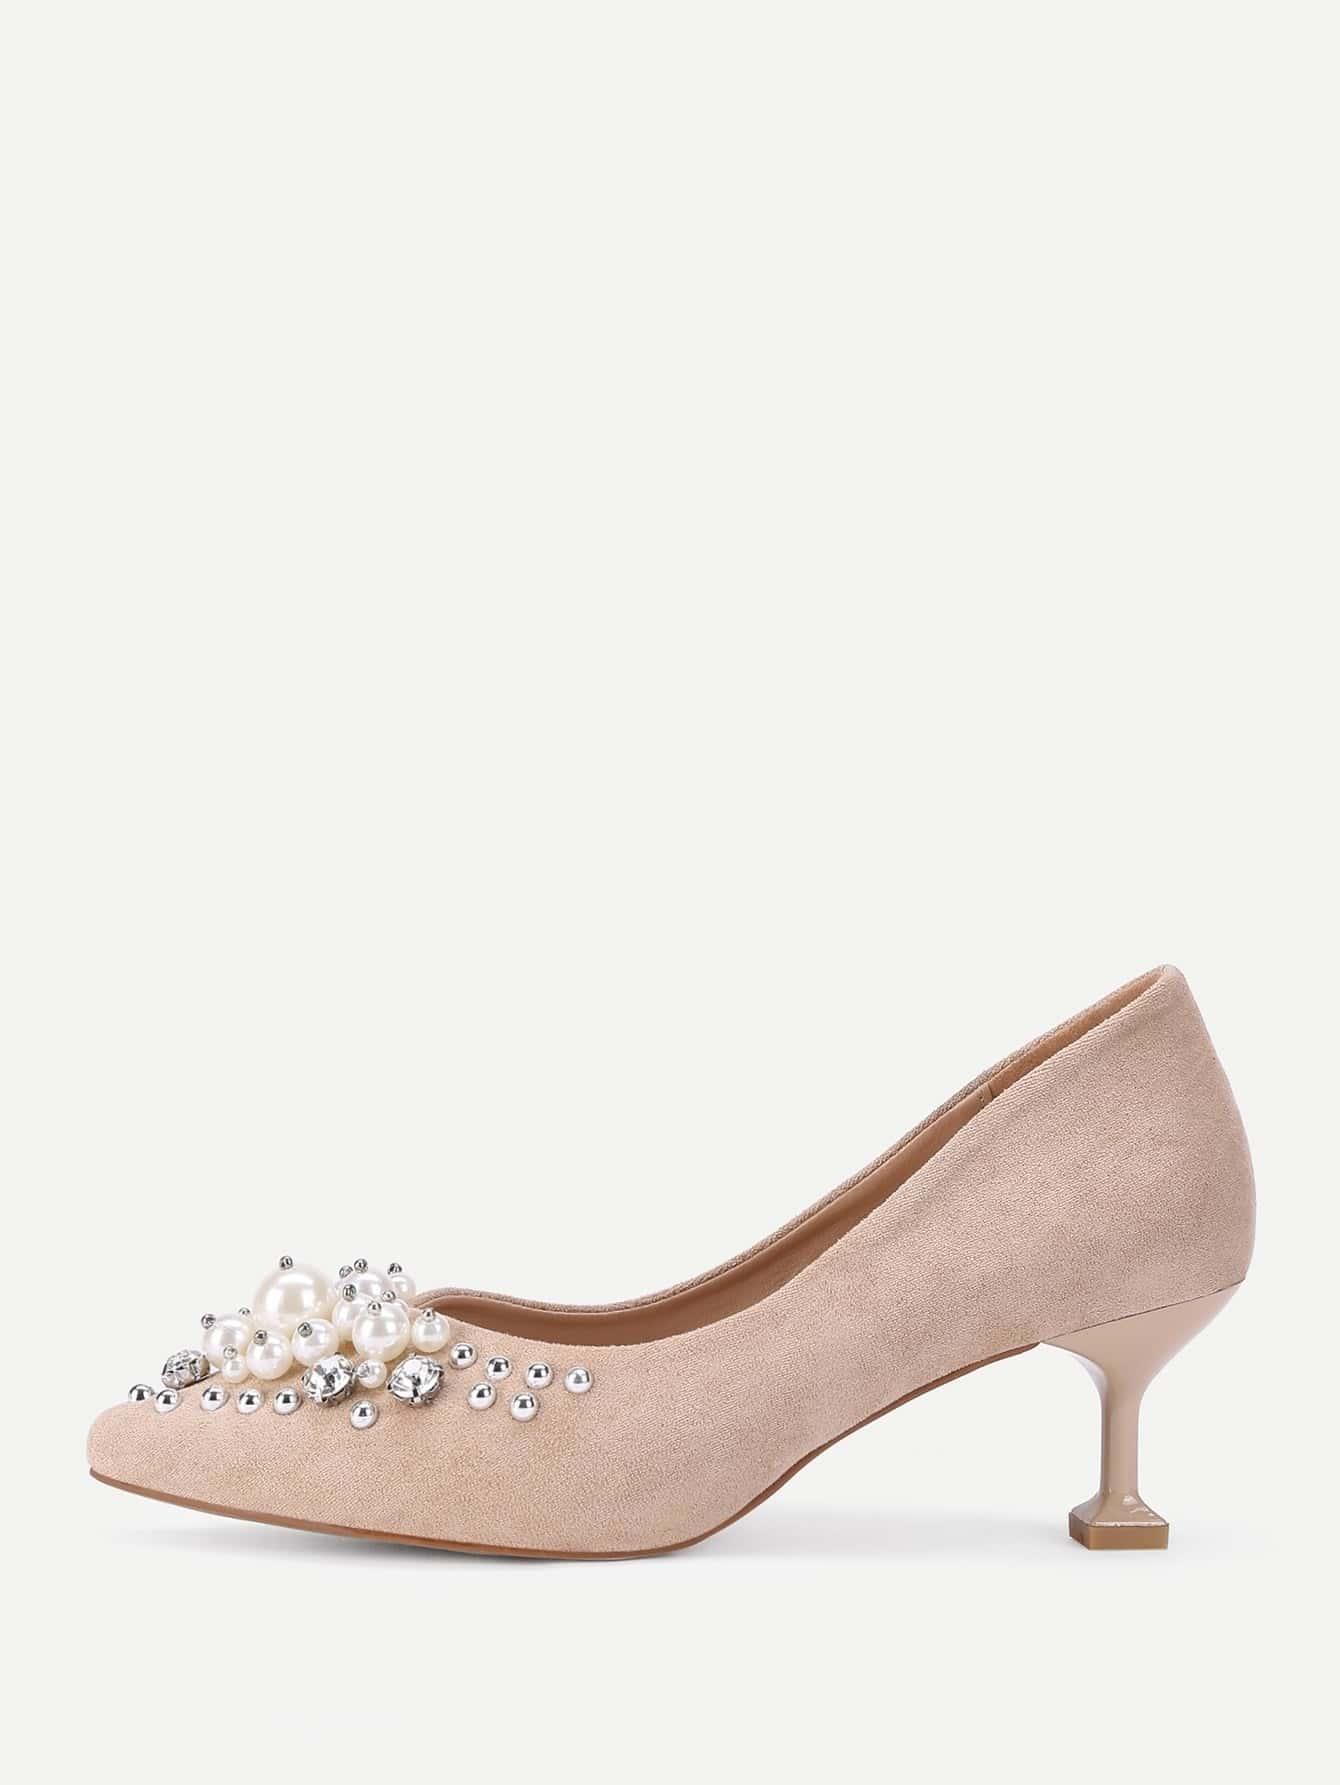 Chaussures talons aiguilles en su d pointues avec bijou for Acheter maison suede